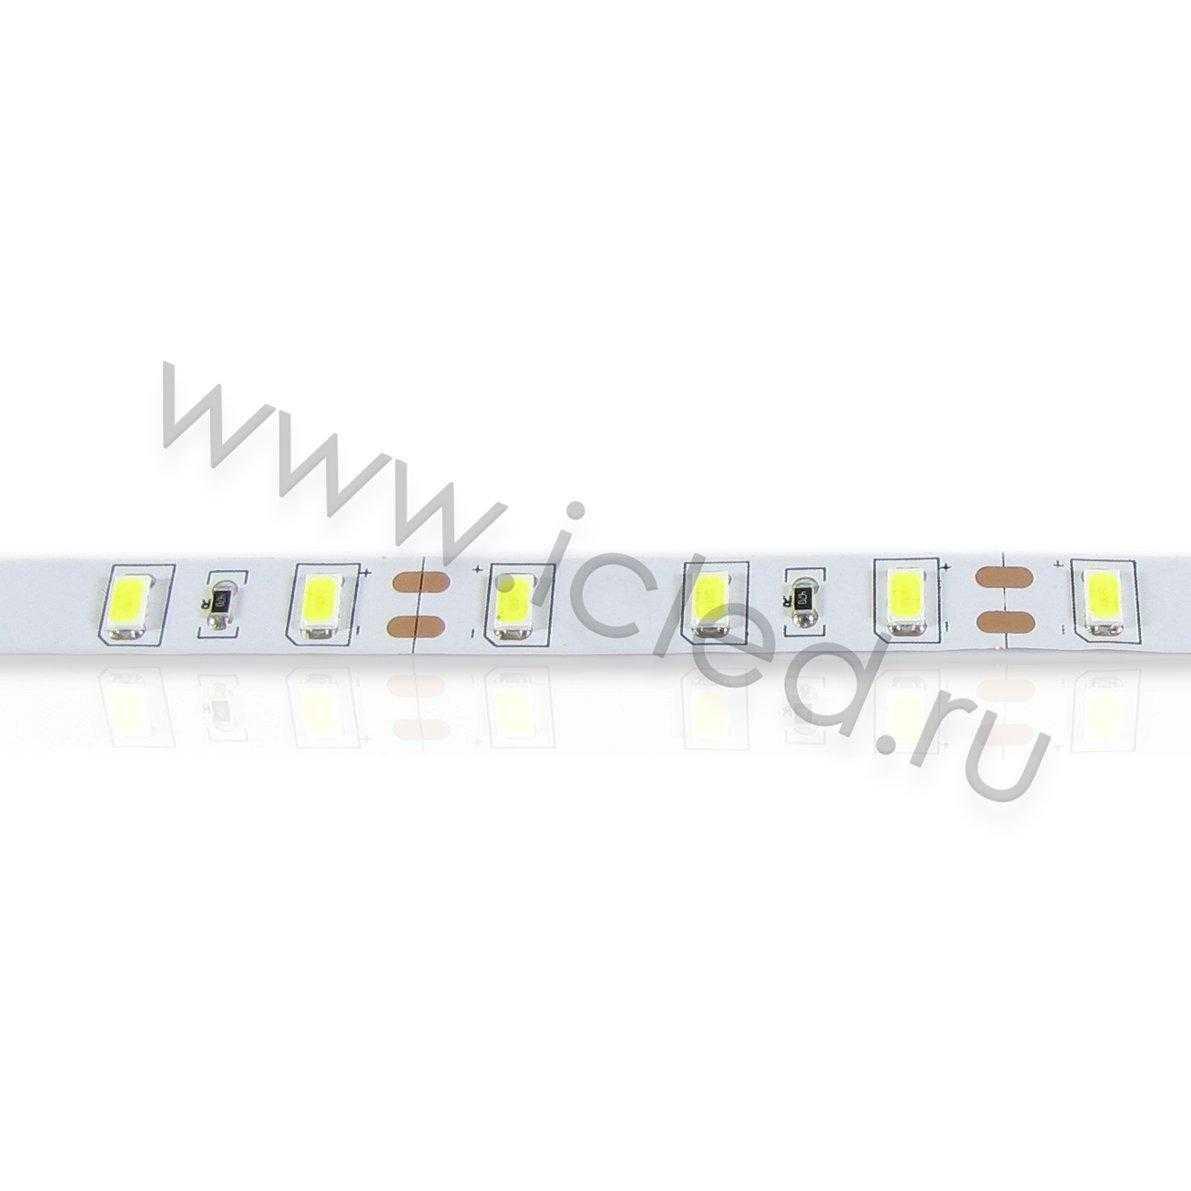 Светодиодная лента Class B, 5630, 60led/m, White, 40Lm,12V, IP33